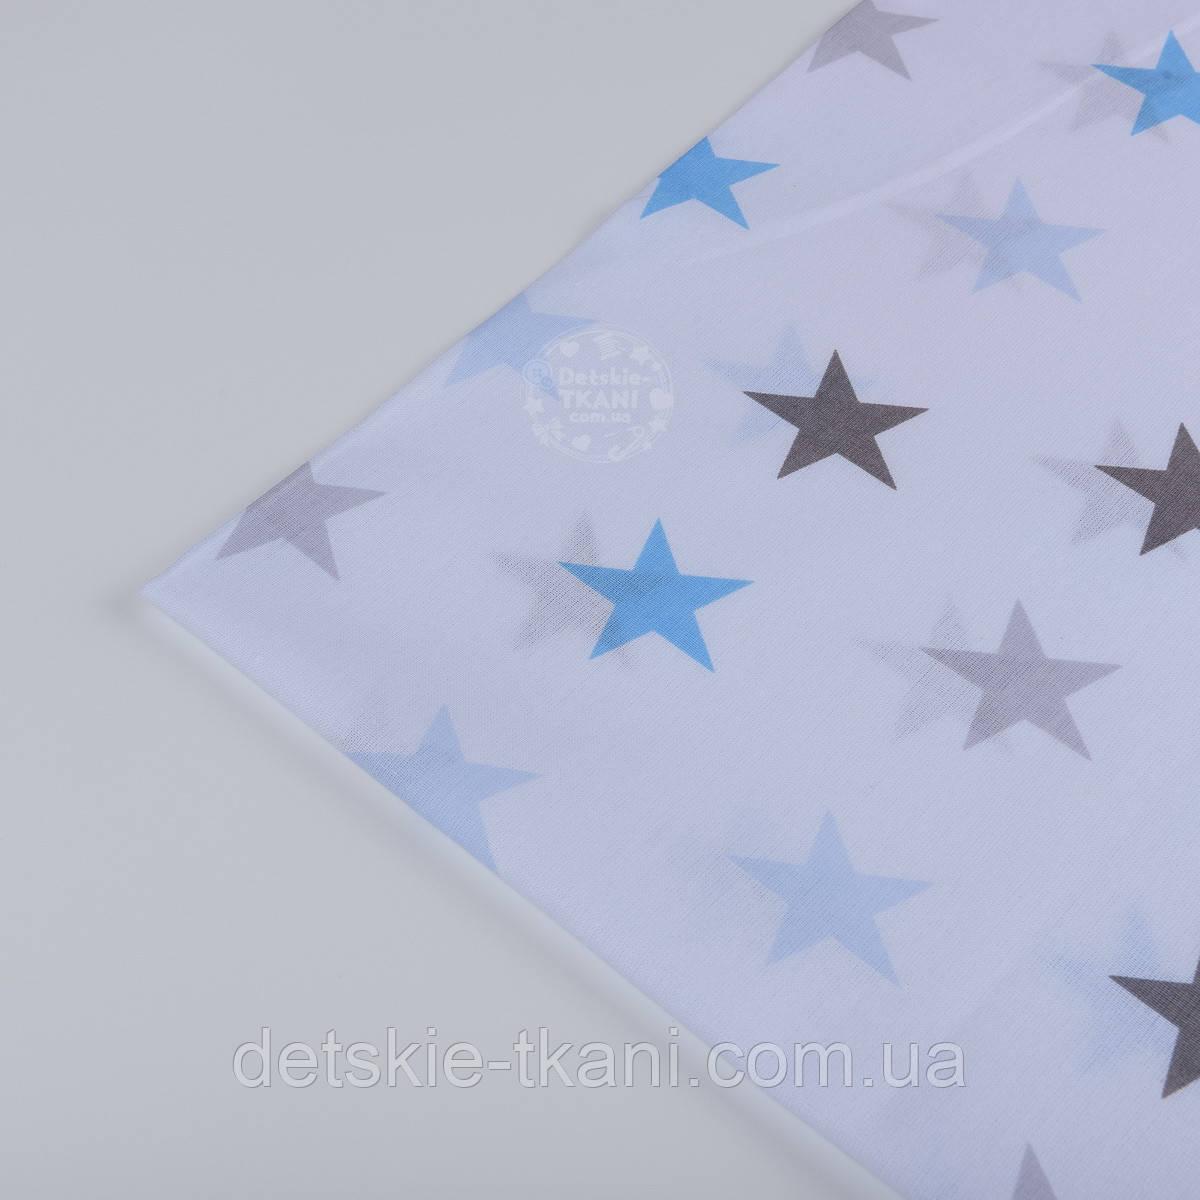 Отрез ткани №243  с остроконечными серо-голубыми большими звёздами